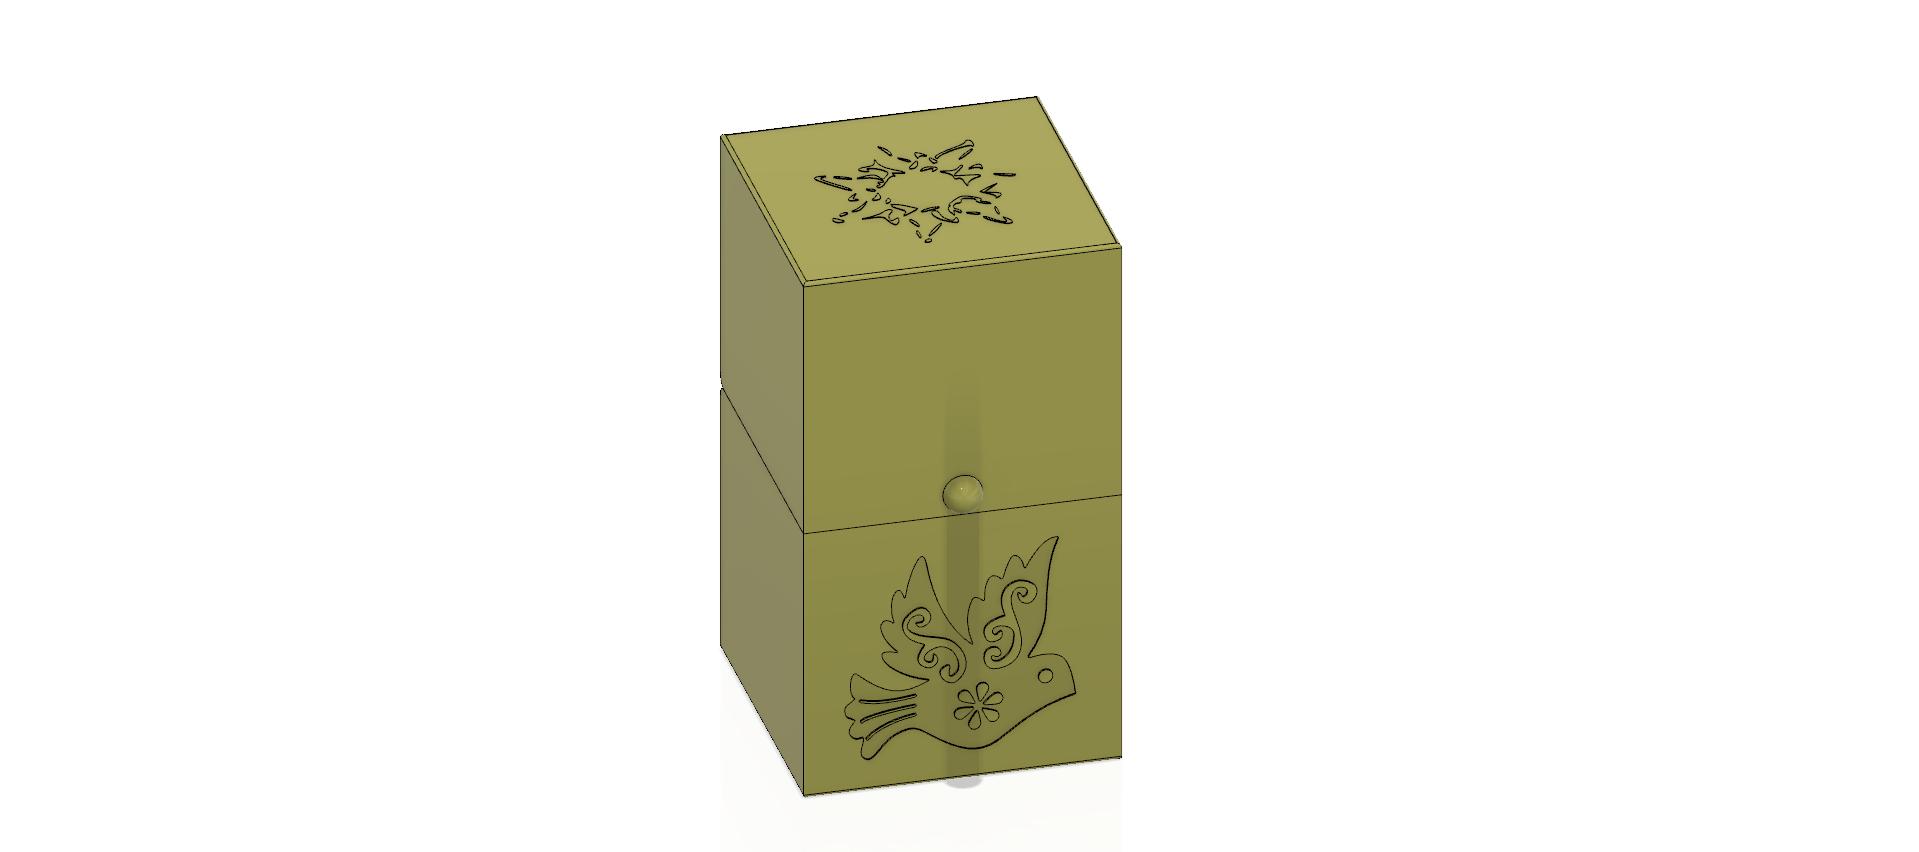 cube-02-a1 v1-1.png Descargar archivo OBJ Caja de regalo Caja secreta pequeña caja secreta Modelo de impresión en 3D • Modelo para imprimir en 3D, Dzusto